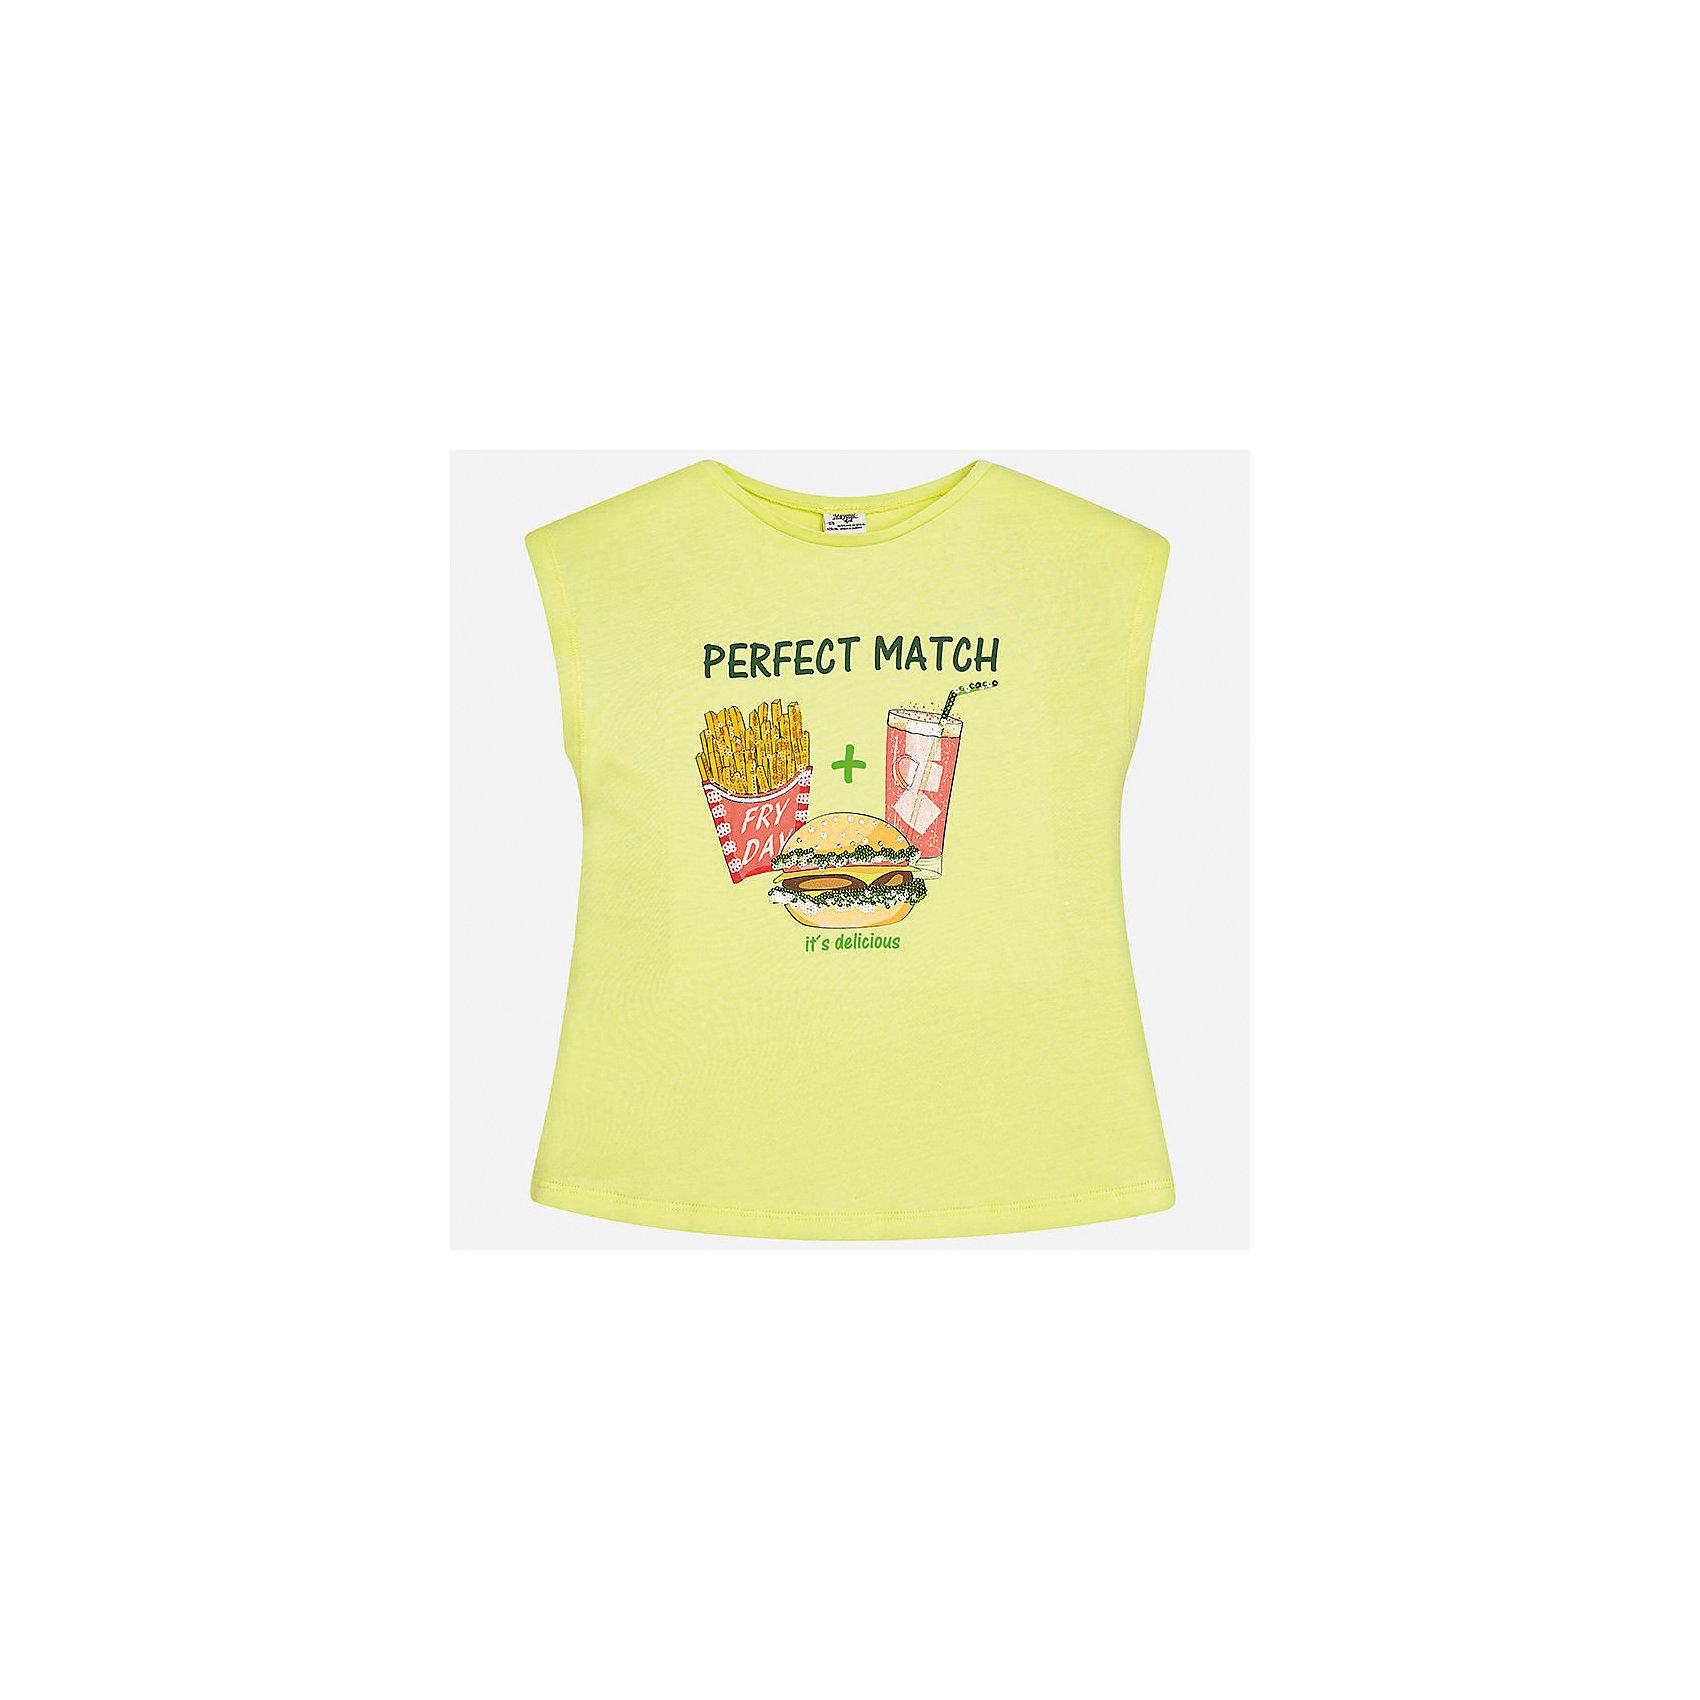 Футболка для девочки MayoralФутболки, поло и топы<br>Характеристики товара:<br><br>• цвет: салатовый<br>• состав: 50% хлопок, 50% модал<br>• спинка присборена<br>• декорирована принтом<br>• без рукавов<br>• страна бренда: Испания<br><br>Стильная оригинальная футболка для девочки поможет разнообразить гардероб ребенка и украсить наряд. Она отлично сочетается и с юбками, и с шортами, и с брюками. Универсальный цвет позволяет подобрать к вещи низ практически любой расцветки. Интересная отделка модели делает её нарядной и оригинальной. В составе материала - натуральный хлопок, гипоаллергенный, приятный на ощупь, дышащий.<br><br>Одежда, обувь и аксессуары от испанского бренда Mayoral полюбились детям и взрослым по всему миру. Модели этой марки - стильные и удобные. Для их производства используются только безопасные, качественные материалы и фурнитура. Порадуйте ребенка модными и красивыми вещами от Mayoral! <br><br>Футболку для девочки от испанского бренда Mayoral (Майорал) можно купить в нашем интернет-магазине.<br><br>Ширина мм: 199<br>Глубина мм: 10<br>Высота мм: 161<br>Вес г: 151<br>Цвет: желтый<br>Возраст от месяцев: 168<br>Возраст до месяцев: 180<br>Пол: Женский<br>Возраст: Детский<br>Размер: 170,128/134,140,152,158,164<br>SKU: 5300793